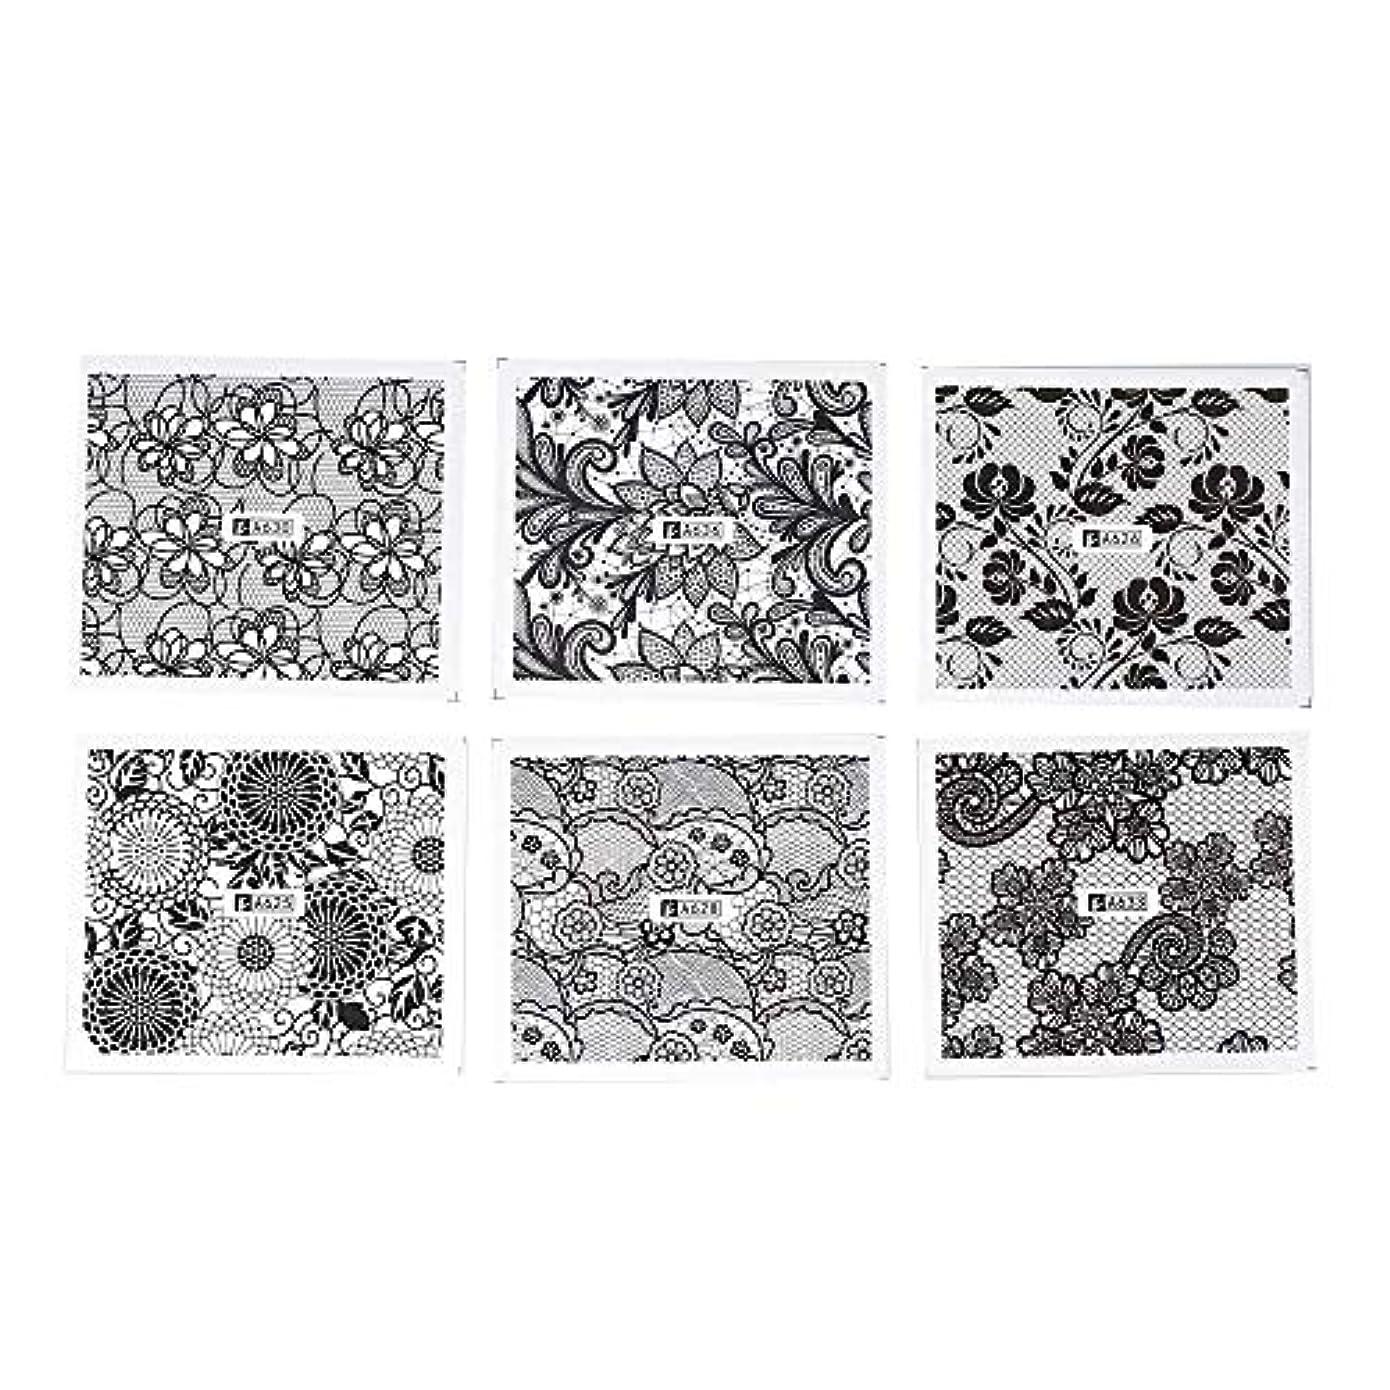 里親チャーミング見せますネイルパーツ ホワイト レース ブラック ネイルホイル ネイル転印シール 混合 花柄 ネイルシール ネイルステッカー ネイルデコ ネイルアート DIY 装飾ツール 24枚セット ハンドメイド材料